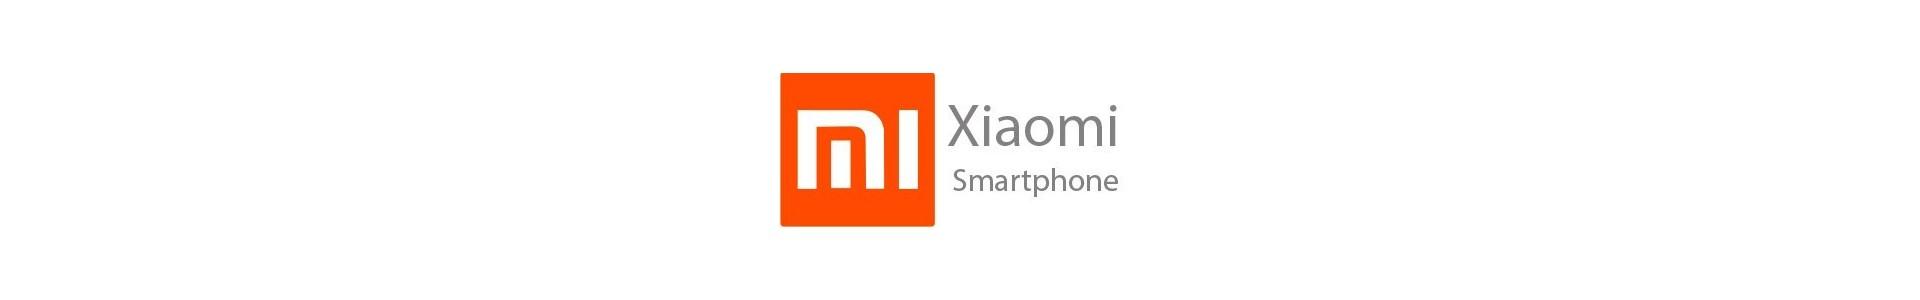 Todos os produtos Xiaomi sempre ao melhor preço na ONDISC